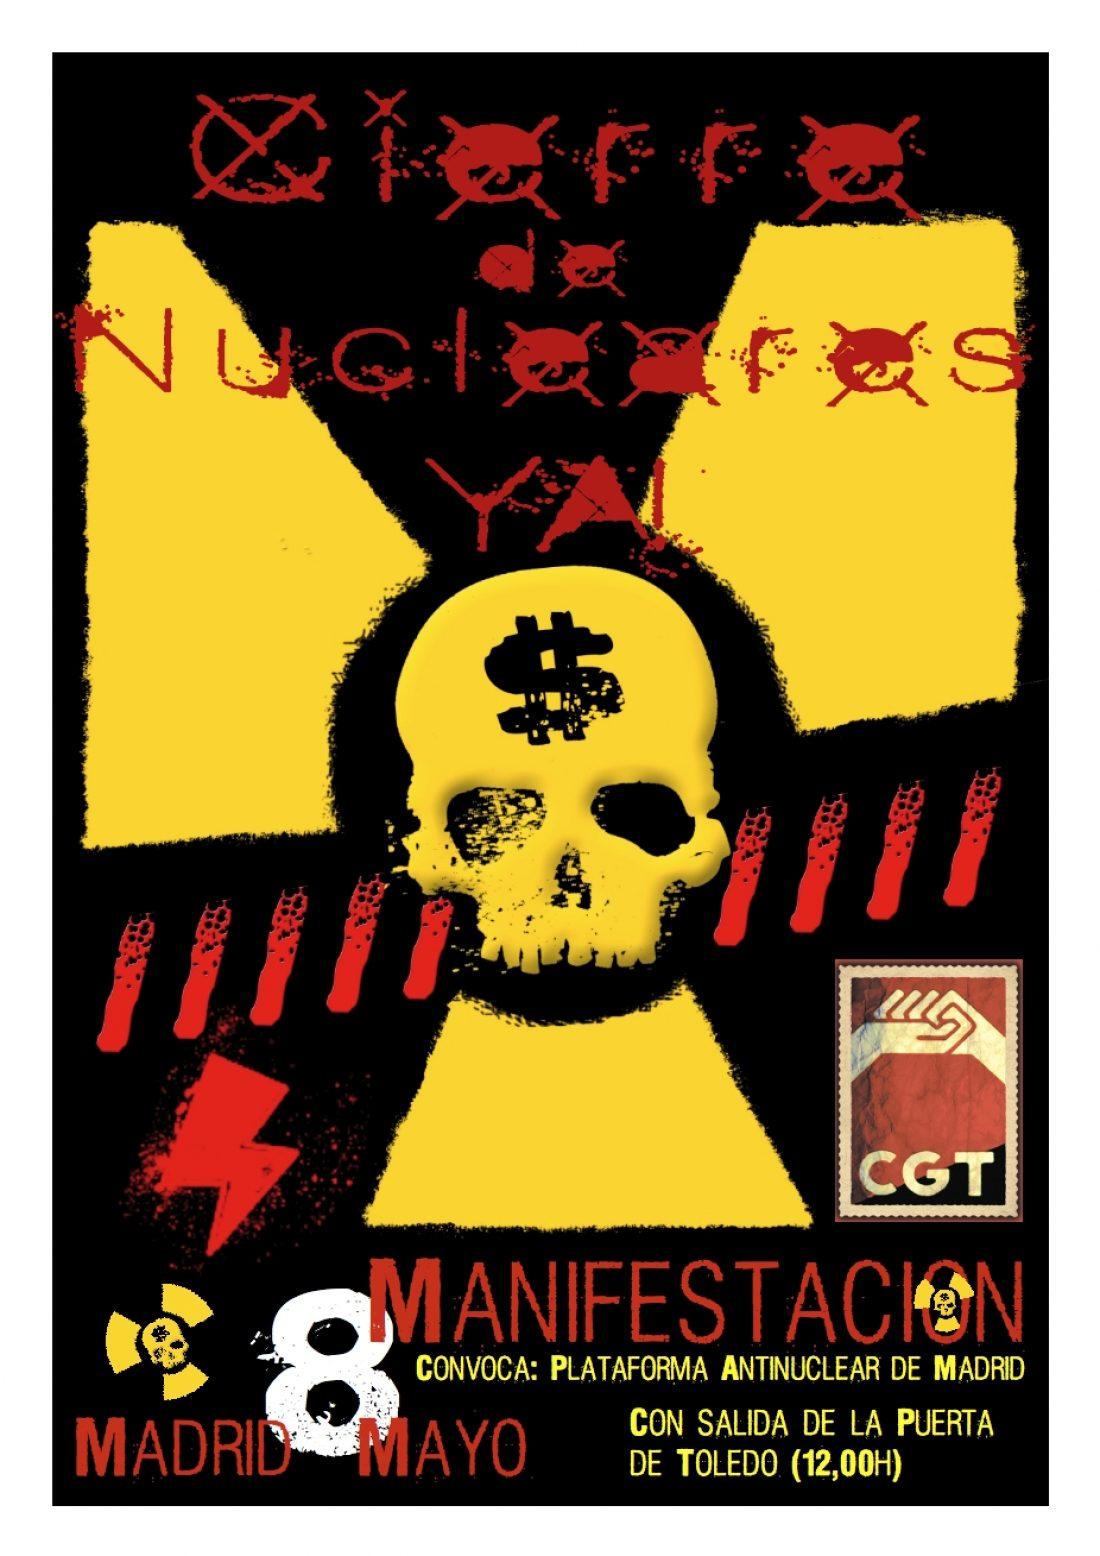 Madrid, 8 de Mayo: Manifestación «Nucleares, cierre YA!»